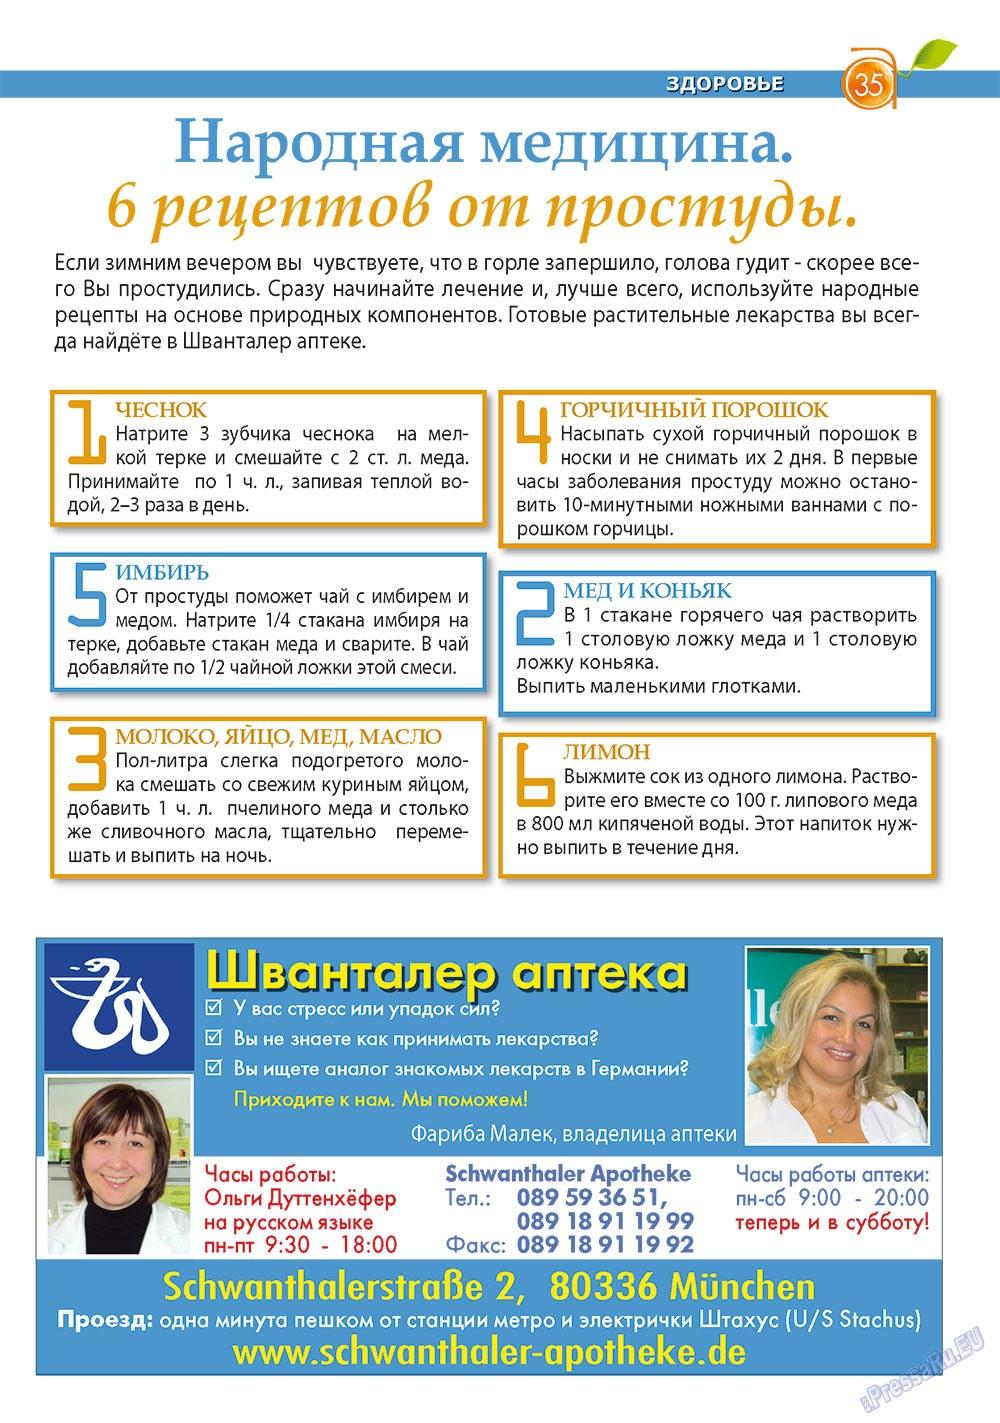 Апельсин (журнал). 2011 год, номер 29, стр. 35